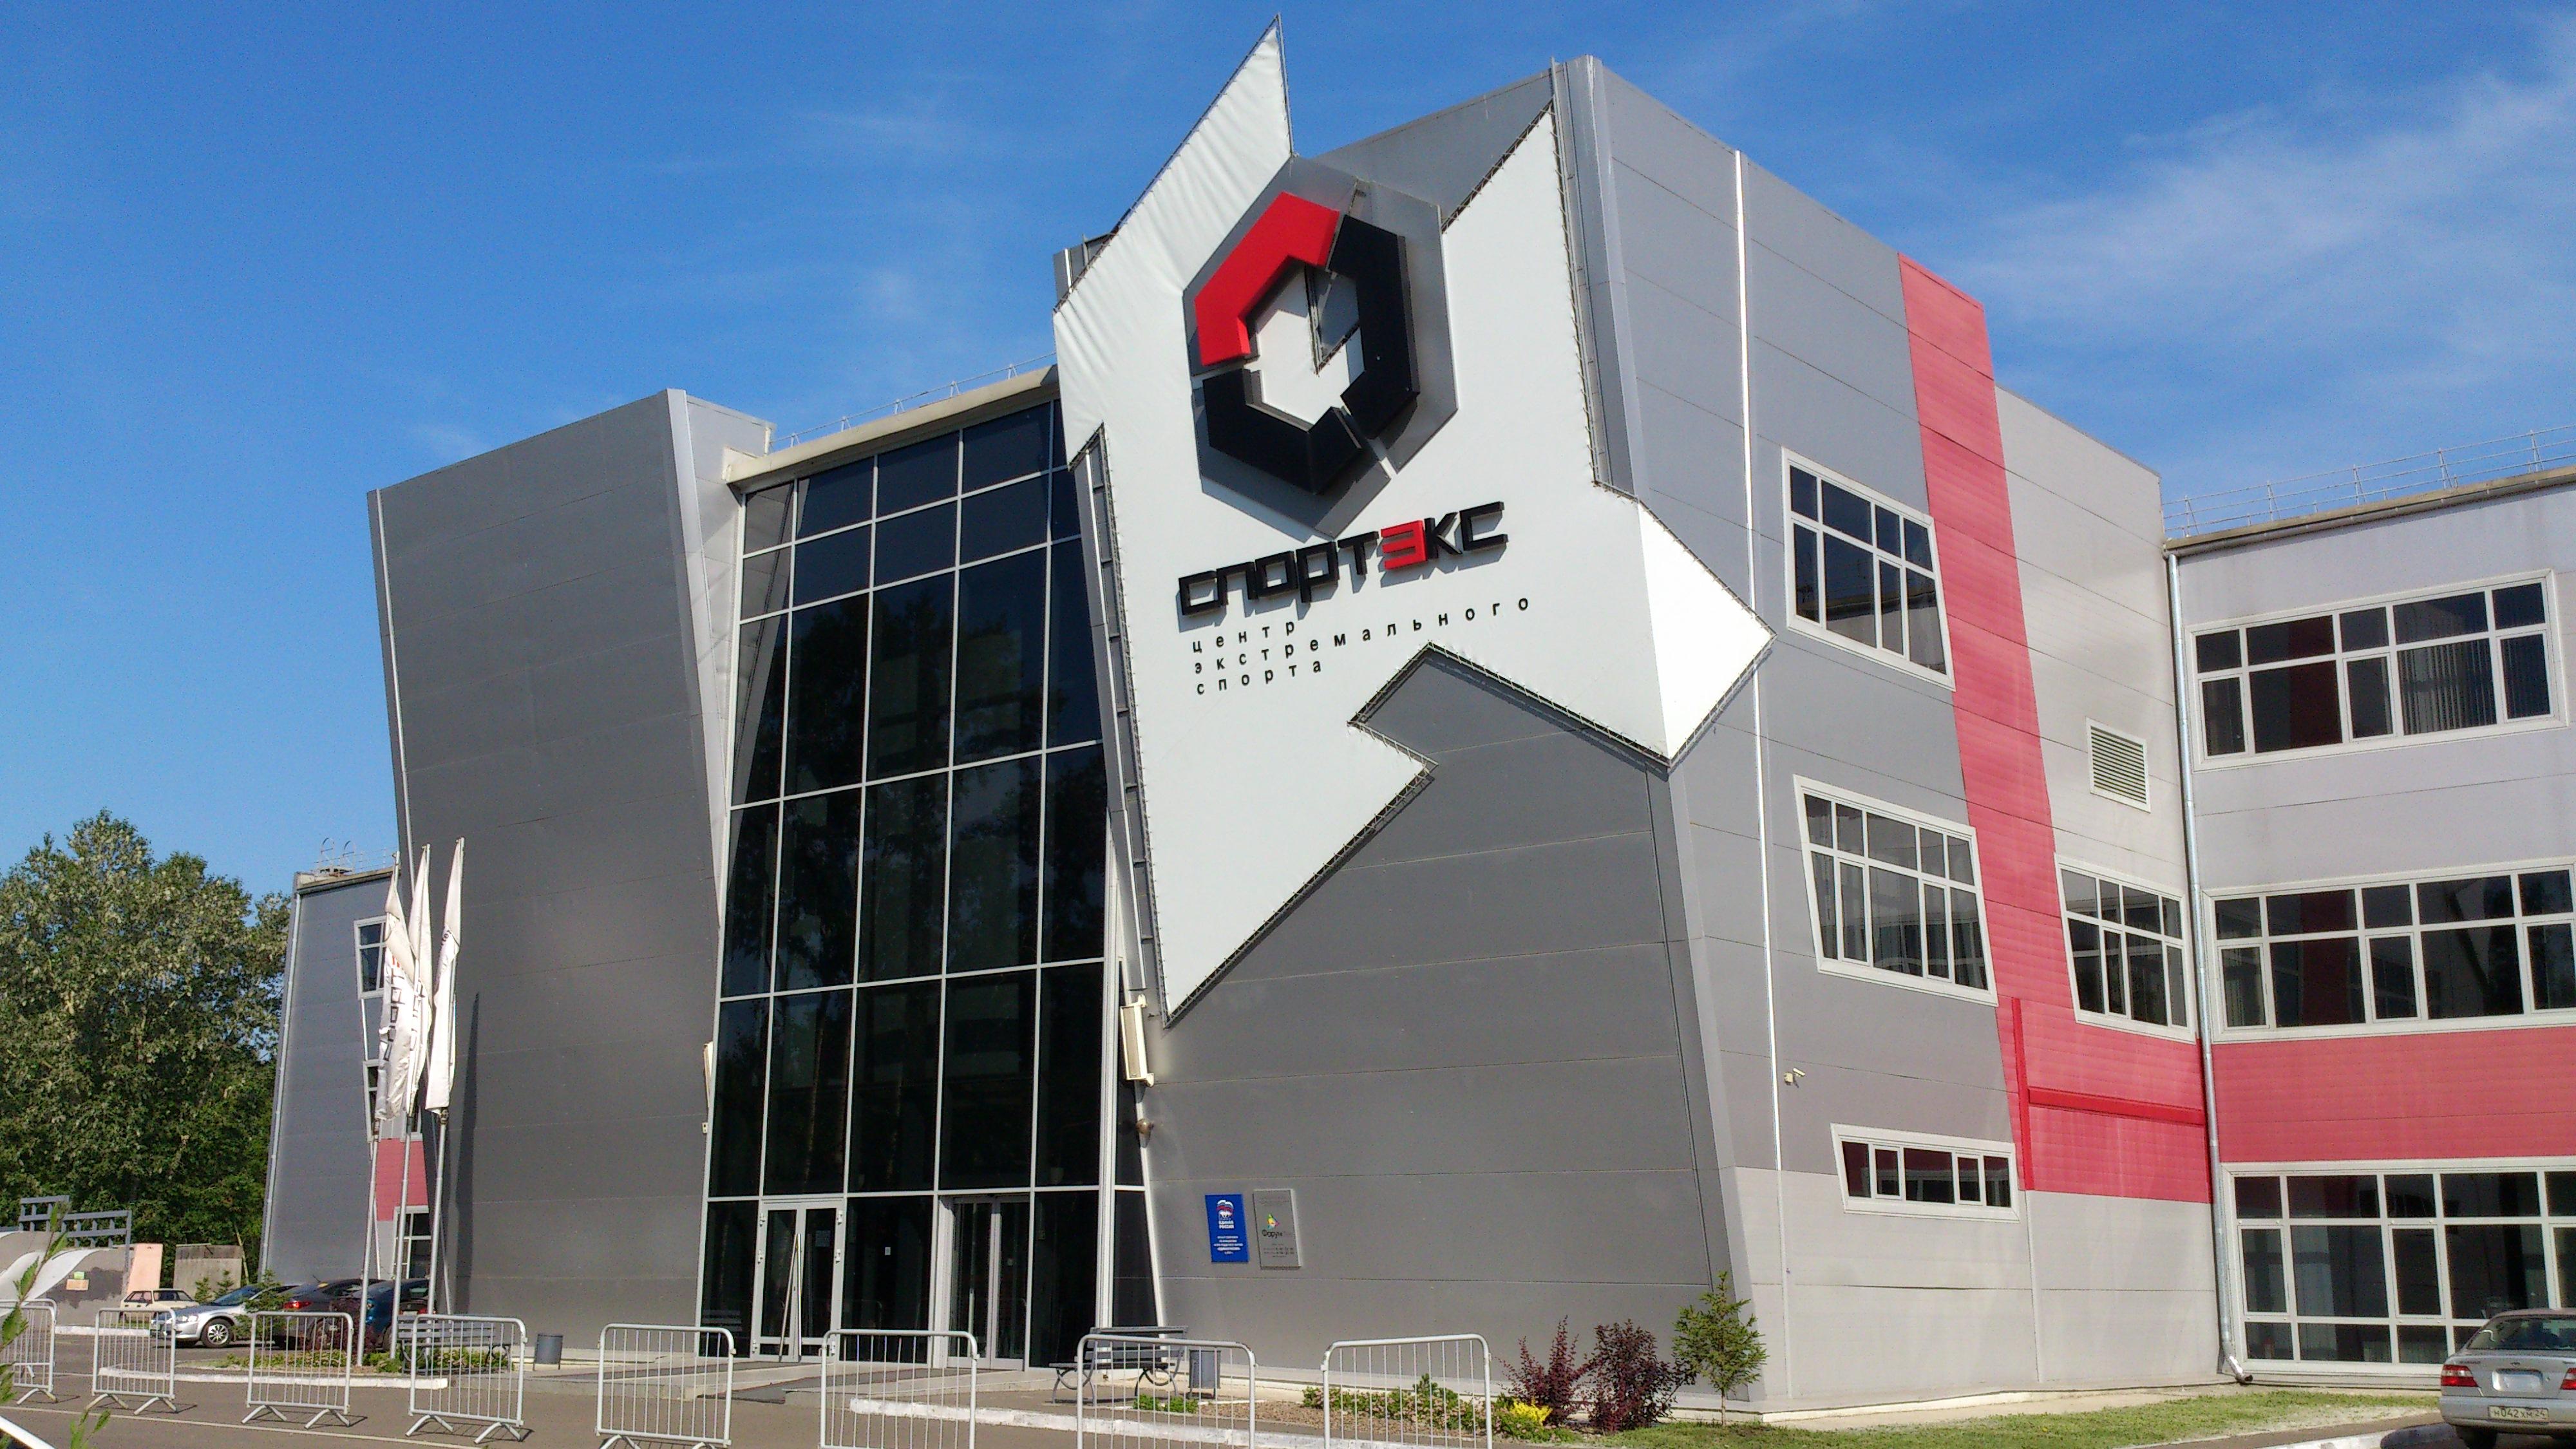 Красноярск Центр экстремального спорта. 6.07.2013 года